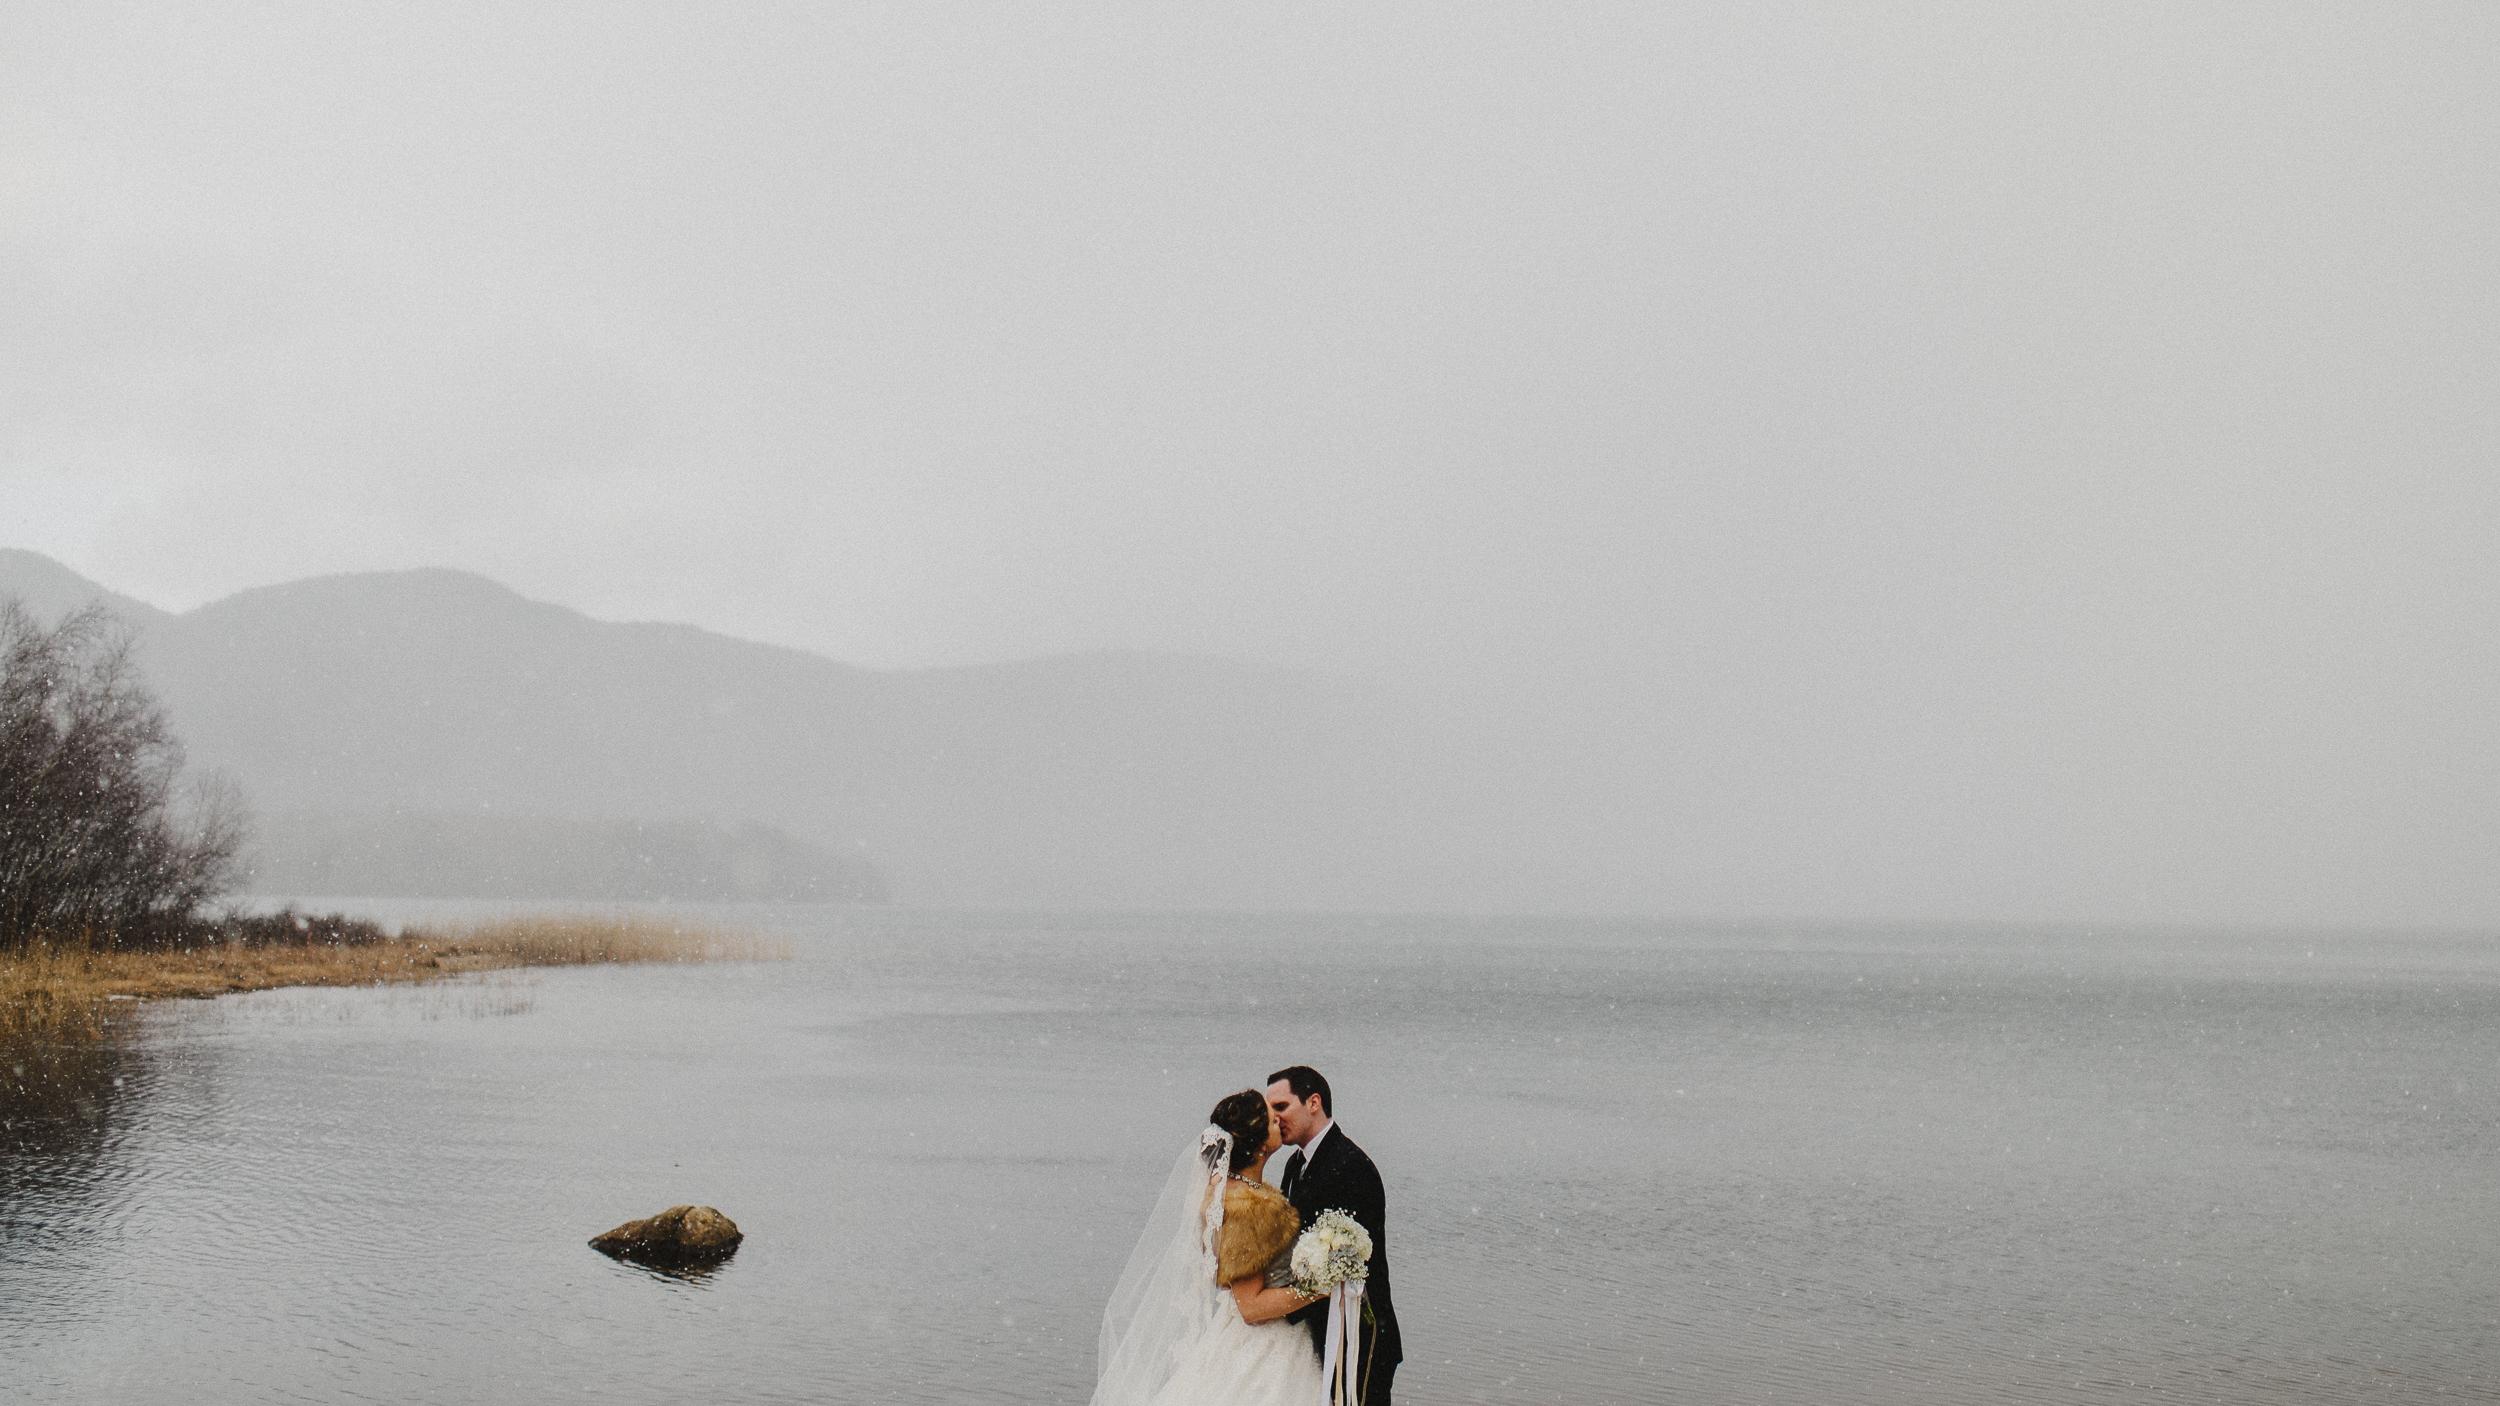 vermont-destination-wedding-photographer-30.jpg